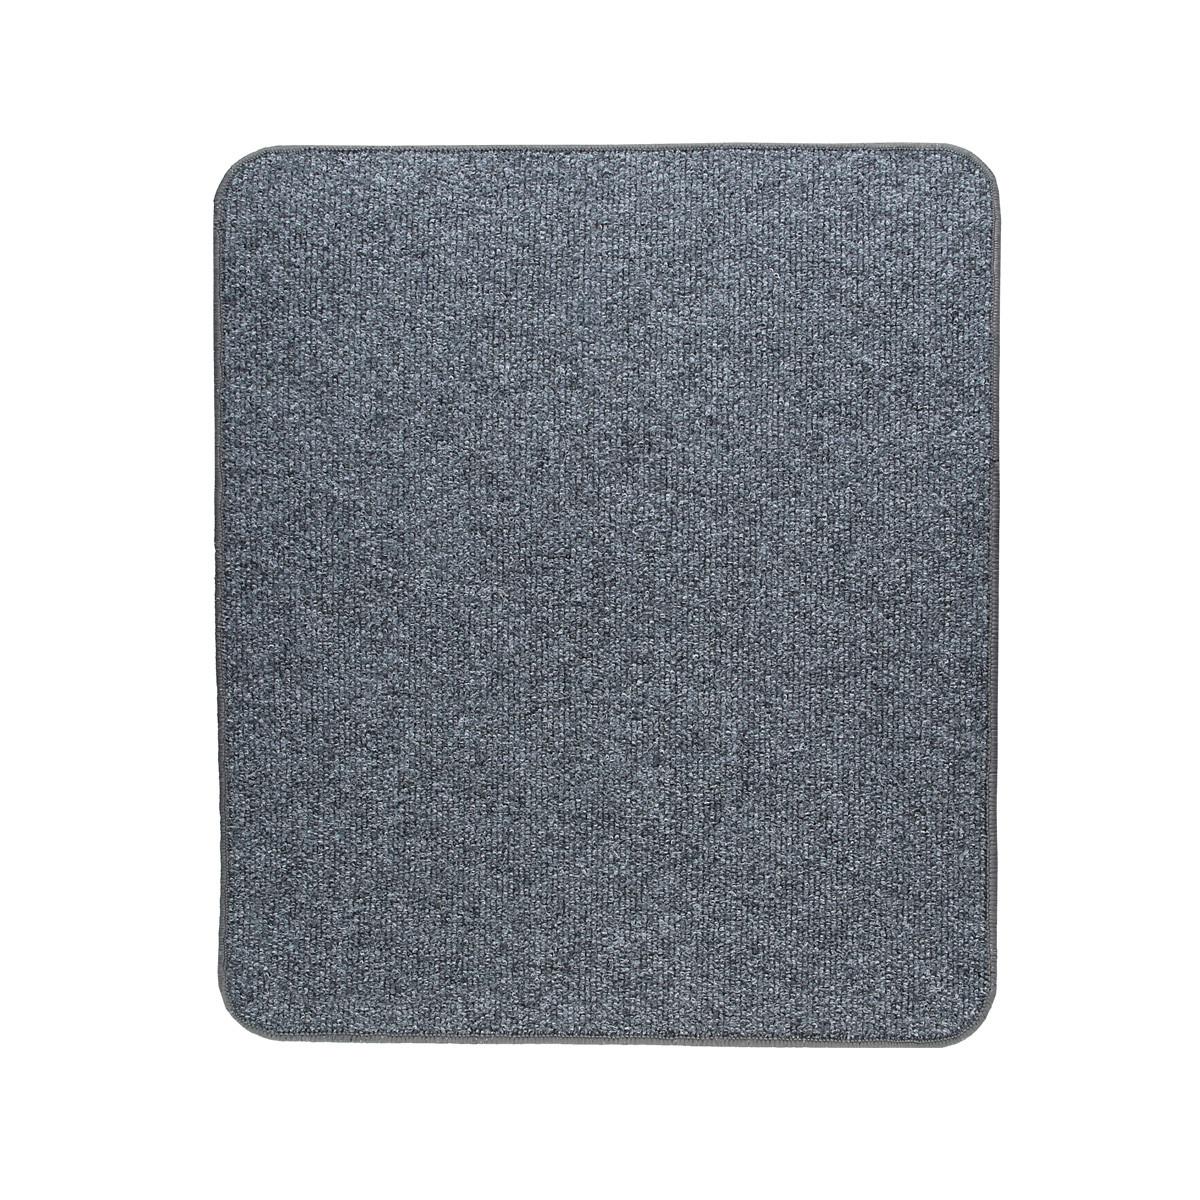 Електричний килимок з підігрівом Теплик з термоізоляцією 50 х 60 см Темно-сірий